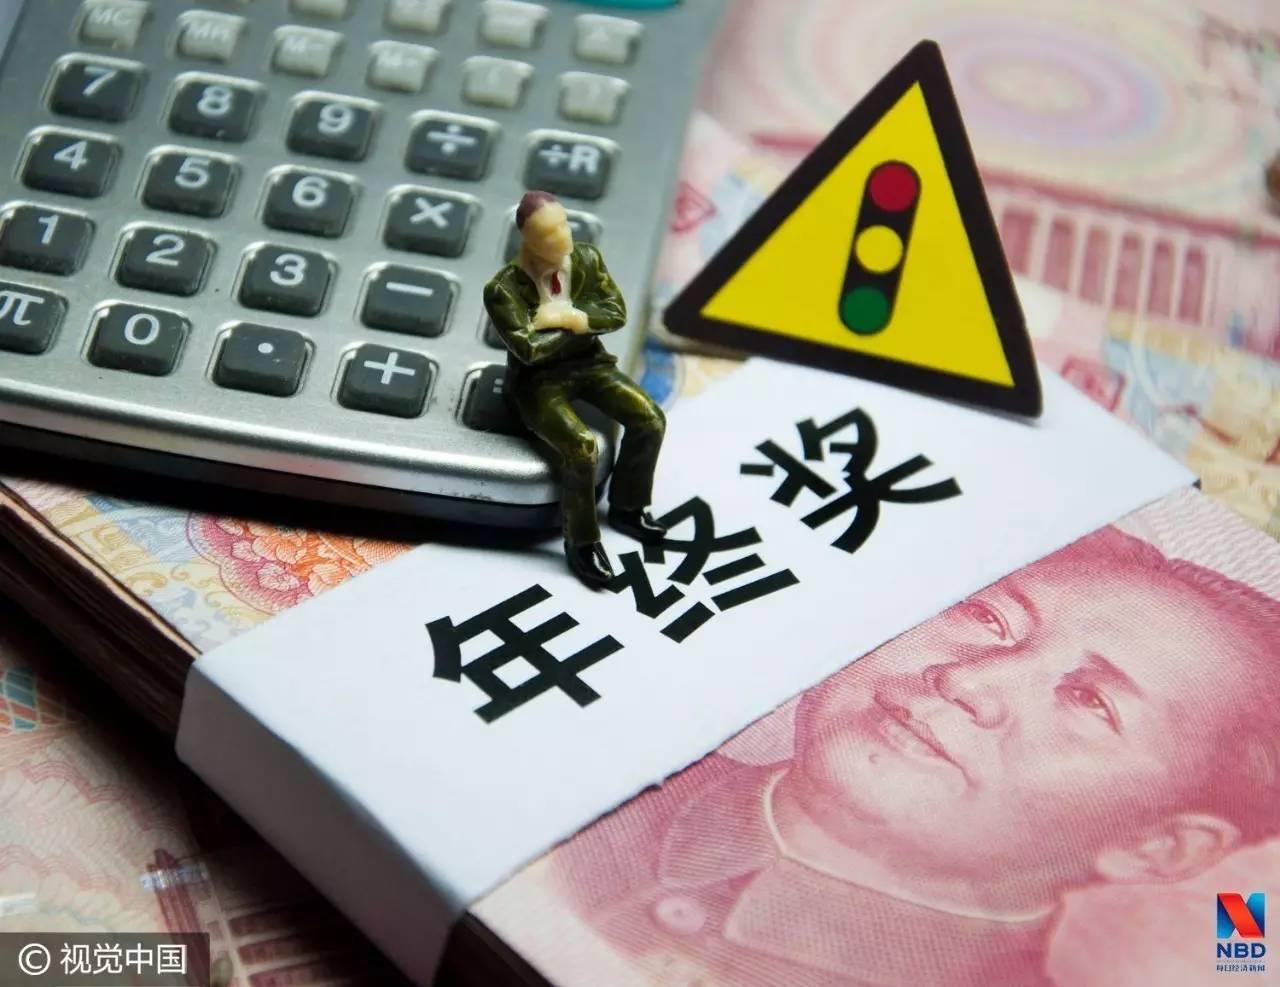 年终个税秘籍:发钱和实物哪个划算?